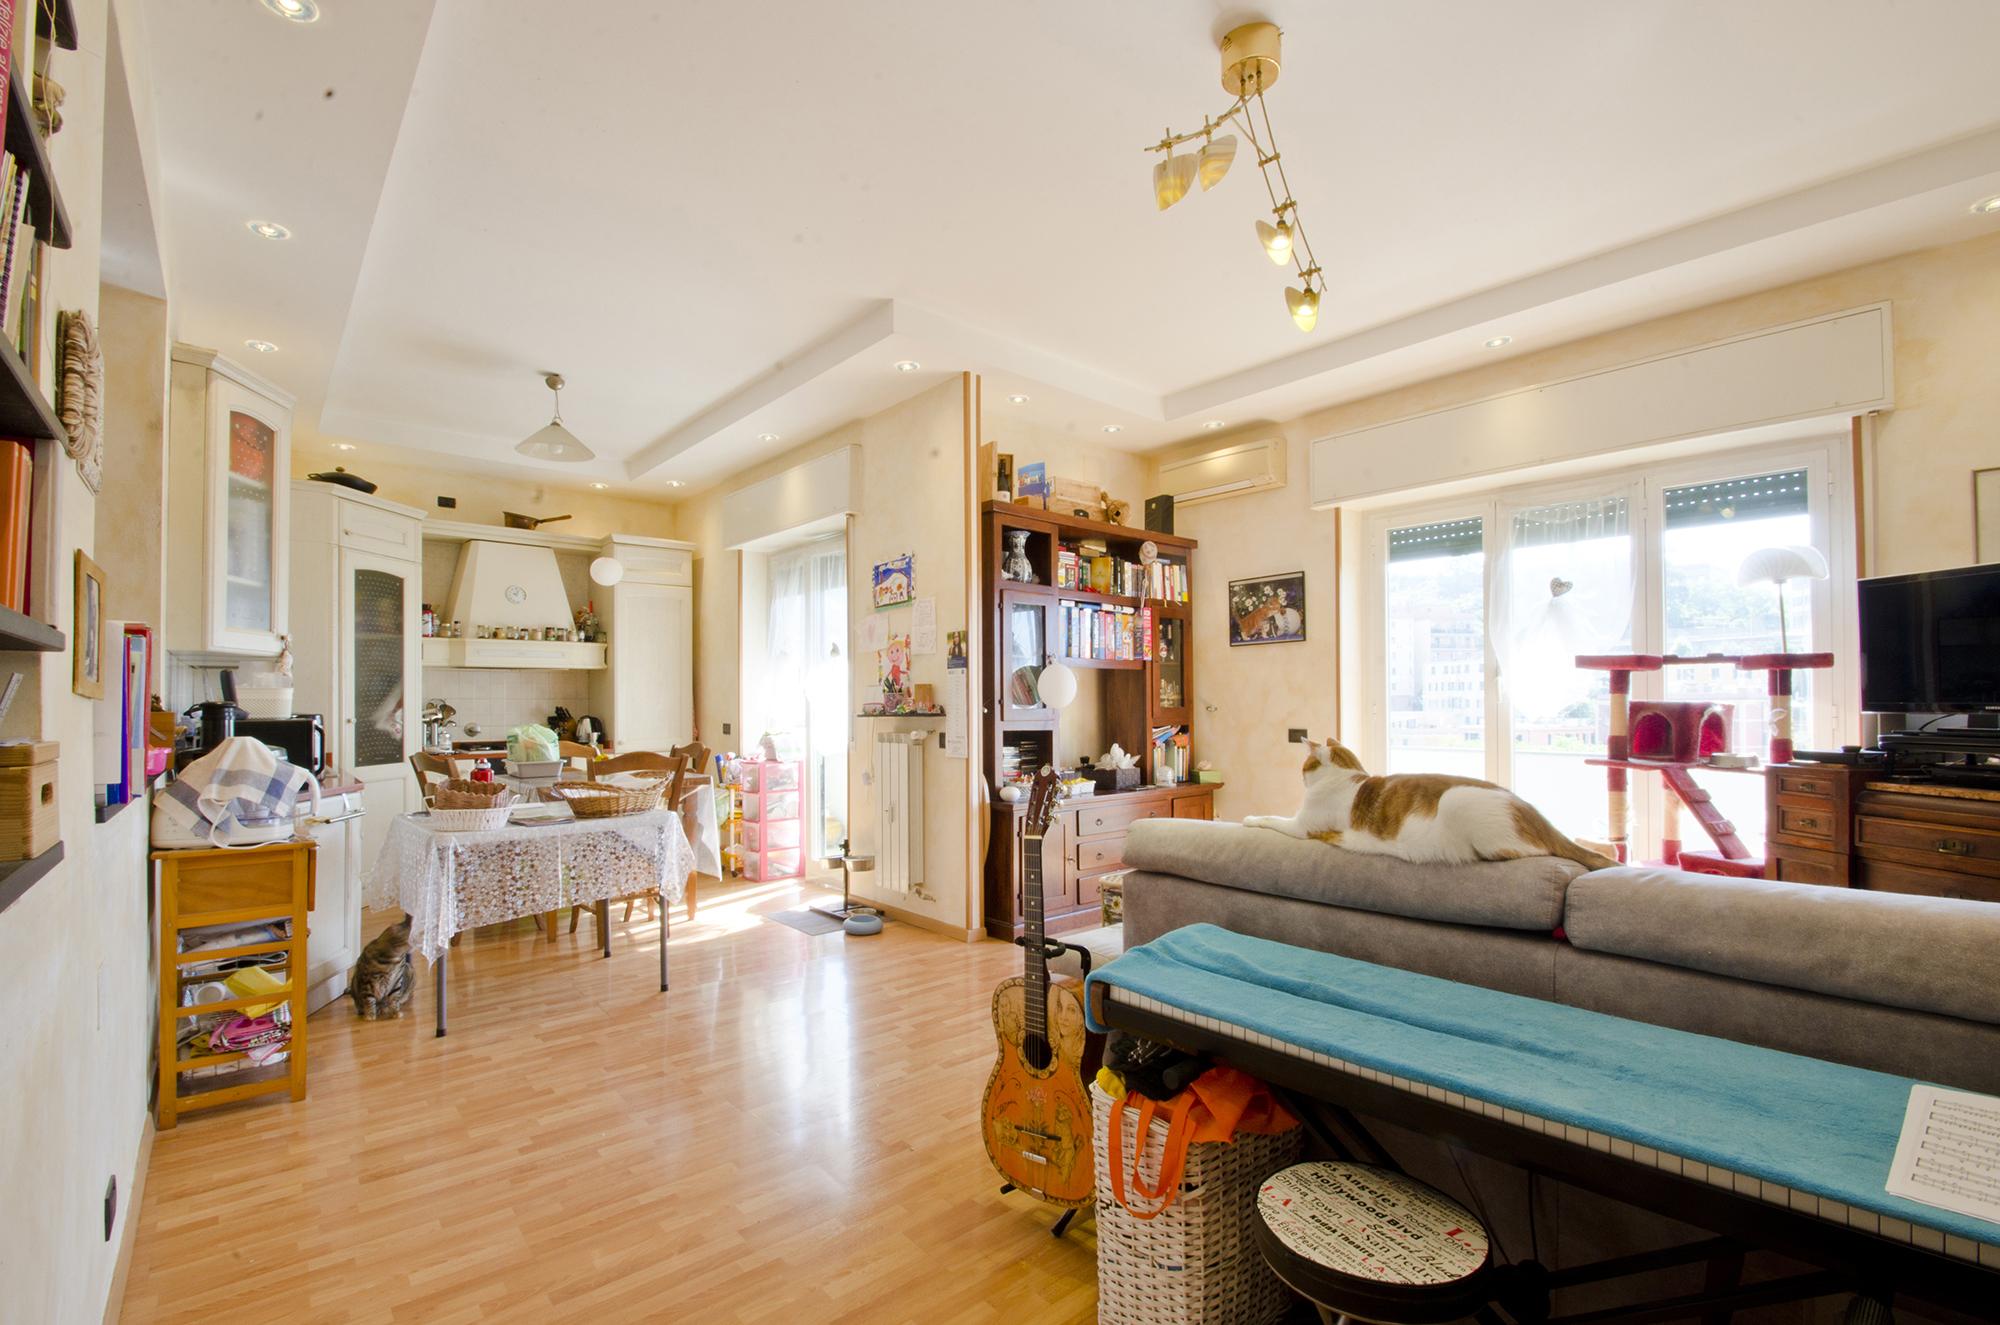 agenzia immobiliare agenzie immobiliari cerco casa san